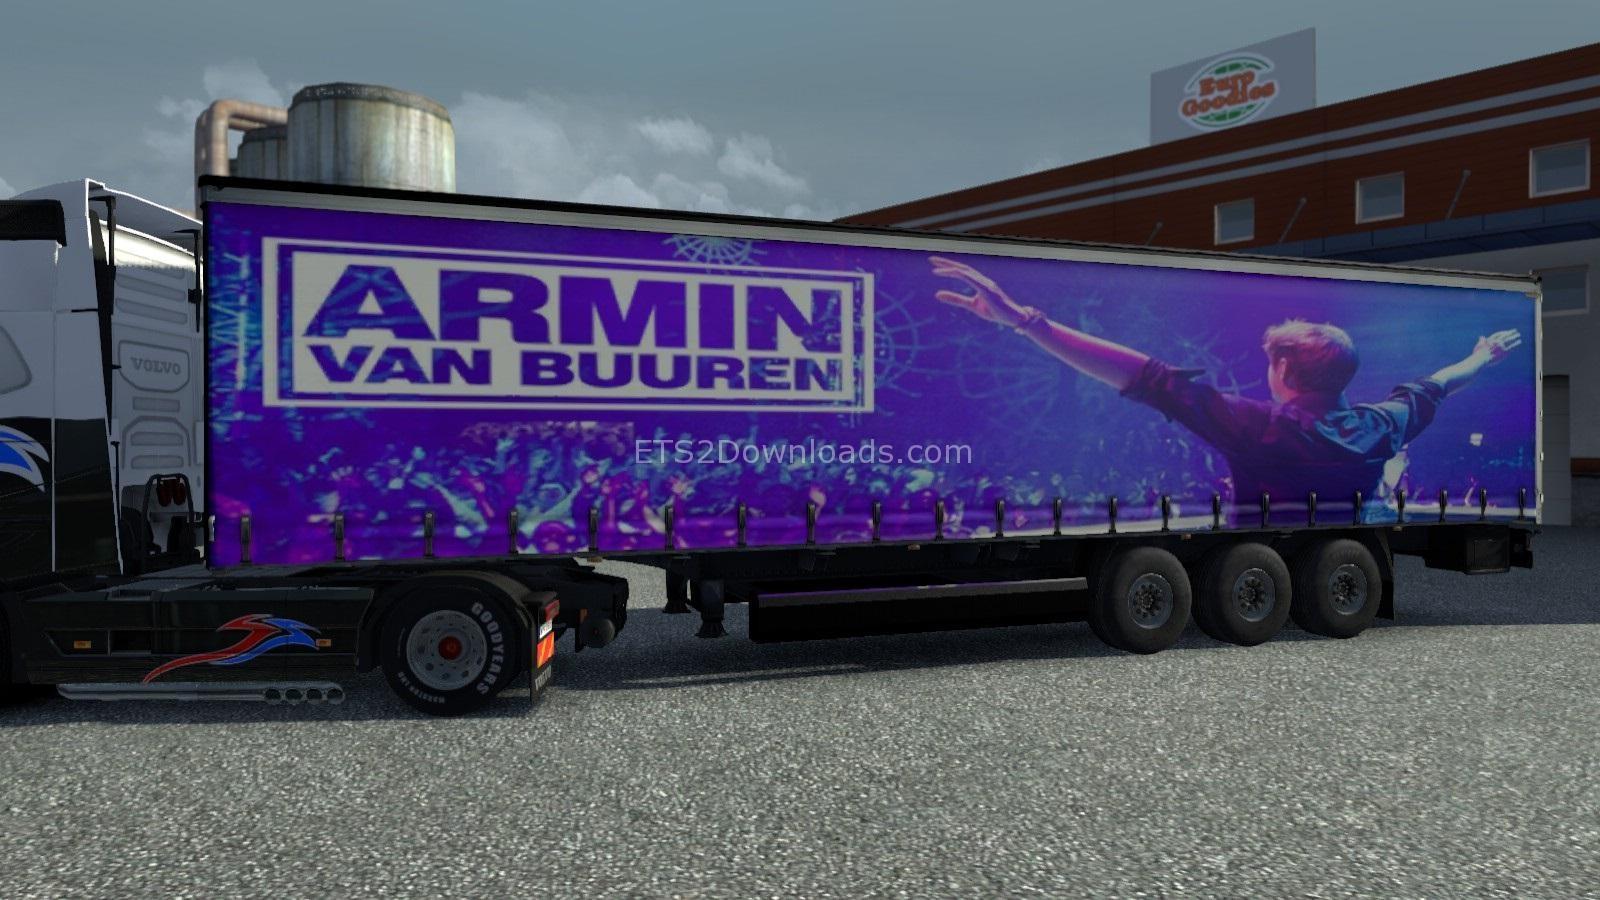 armin-van-buuren-trailer-ets2